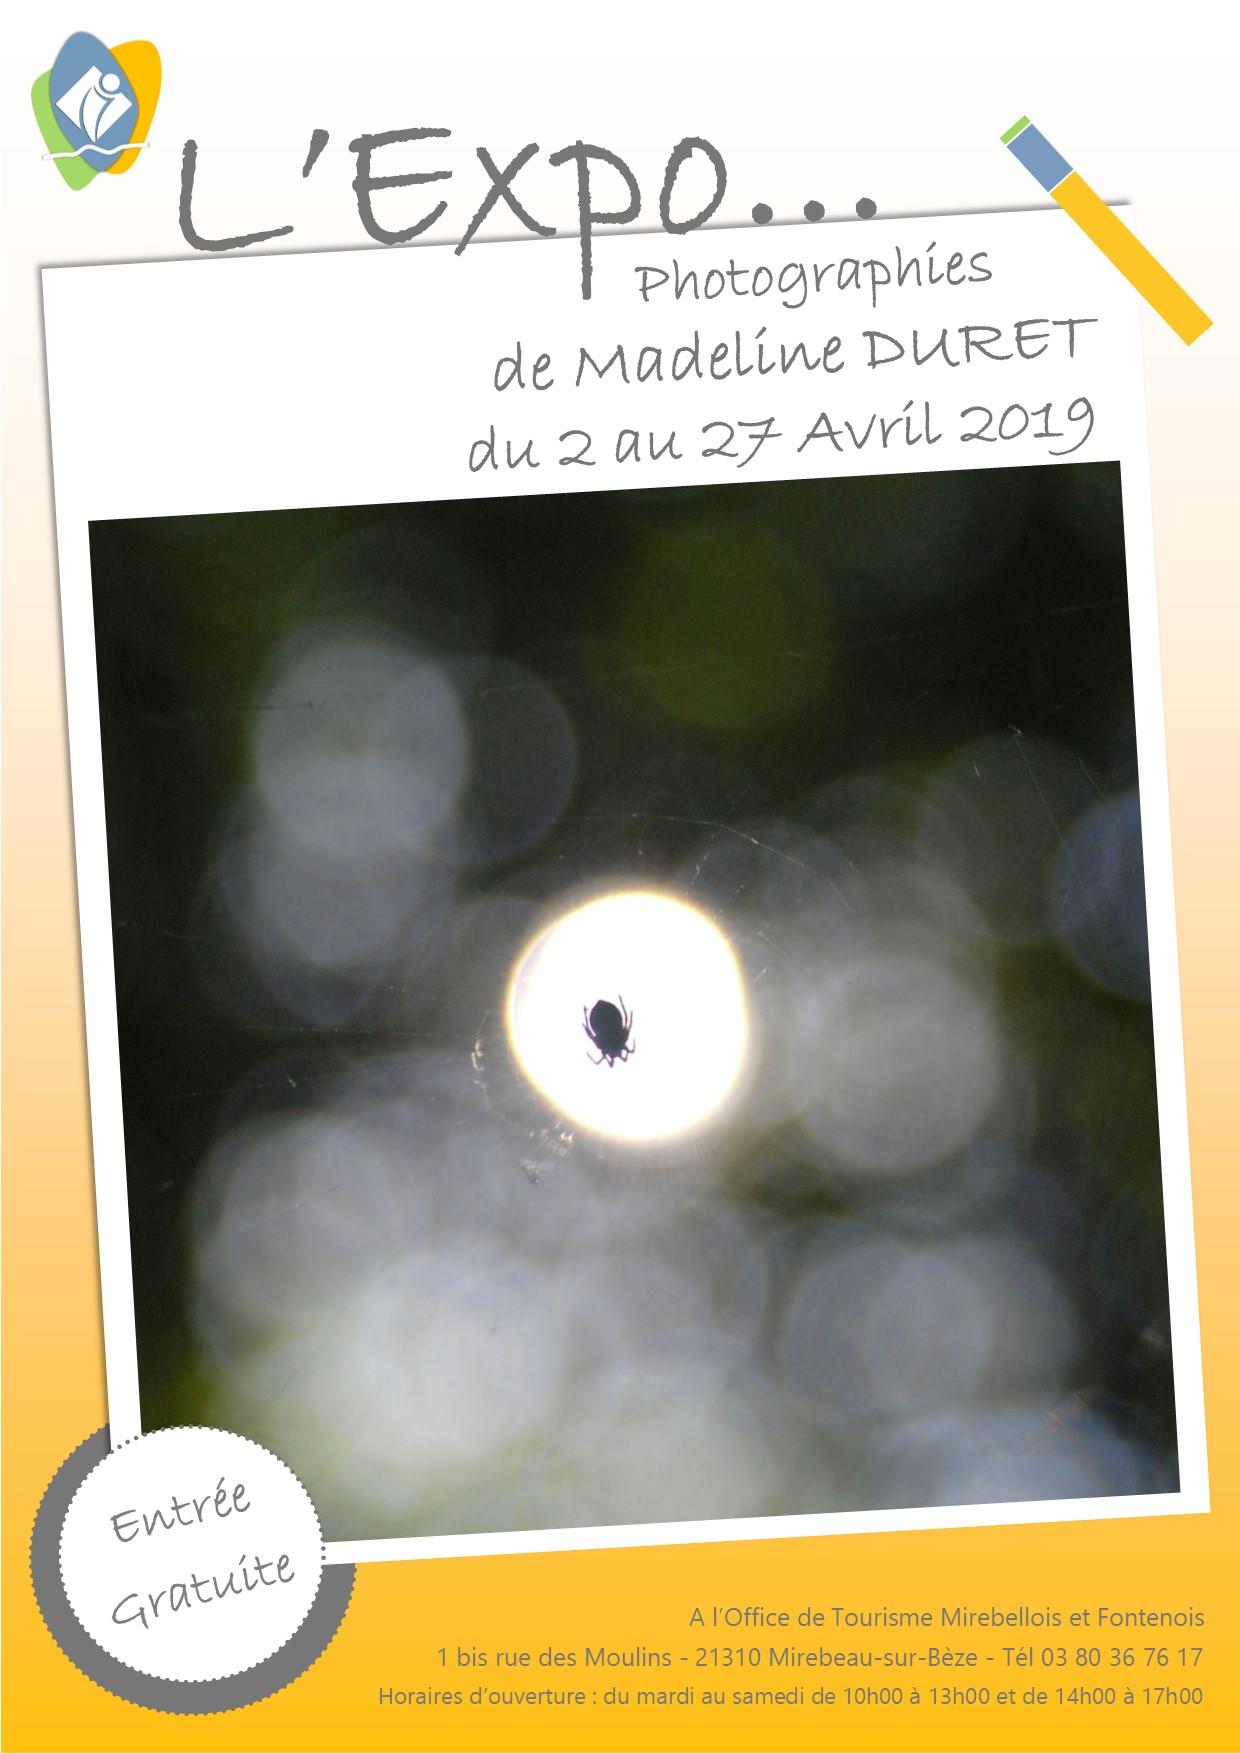 Affiche expo madeline duret 1